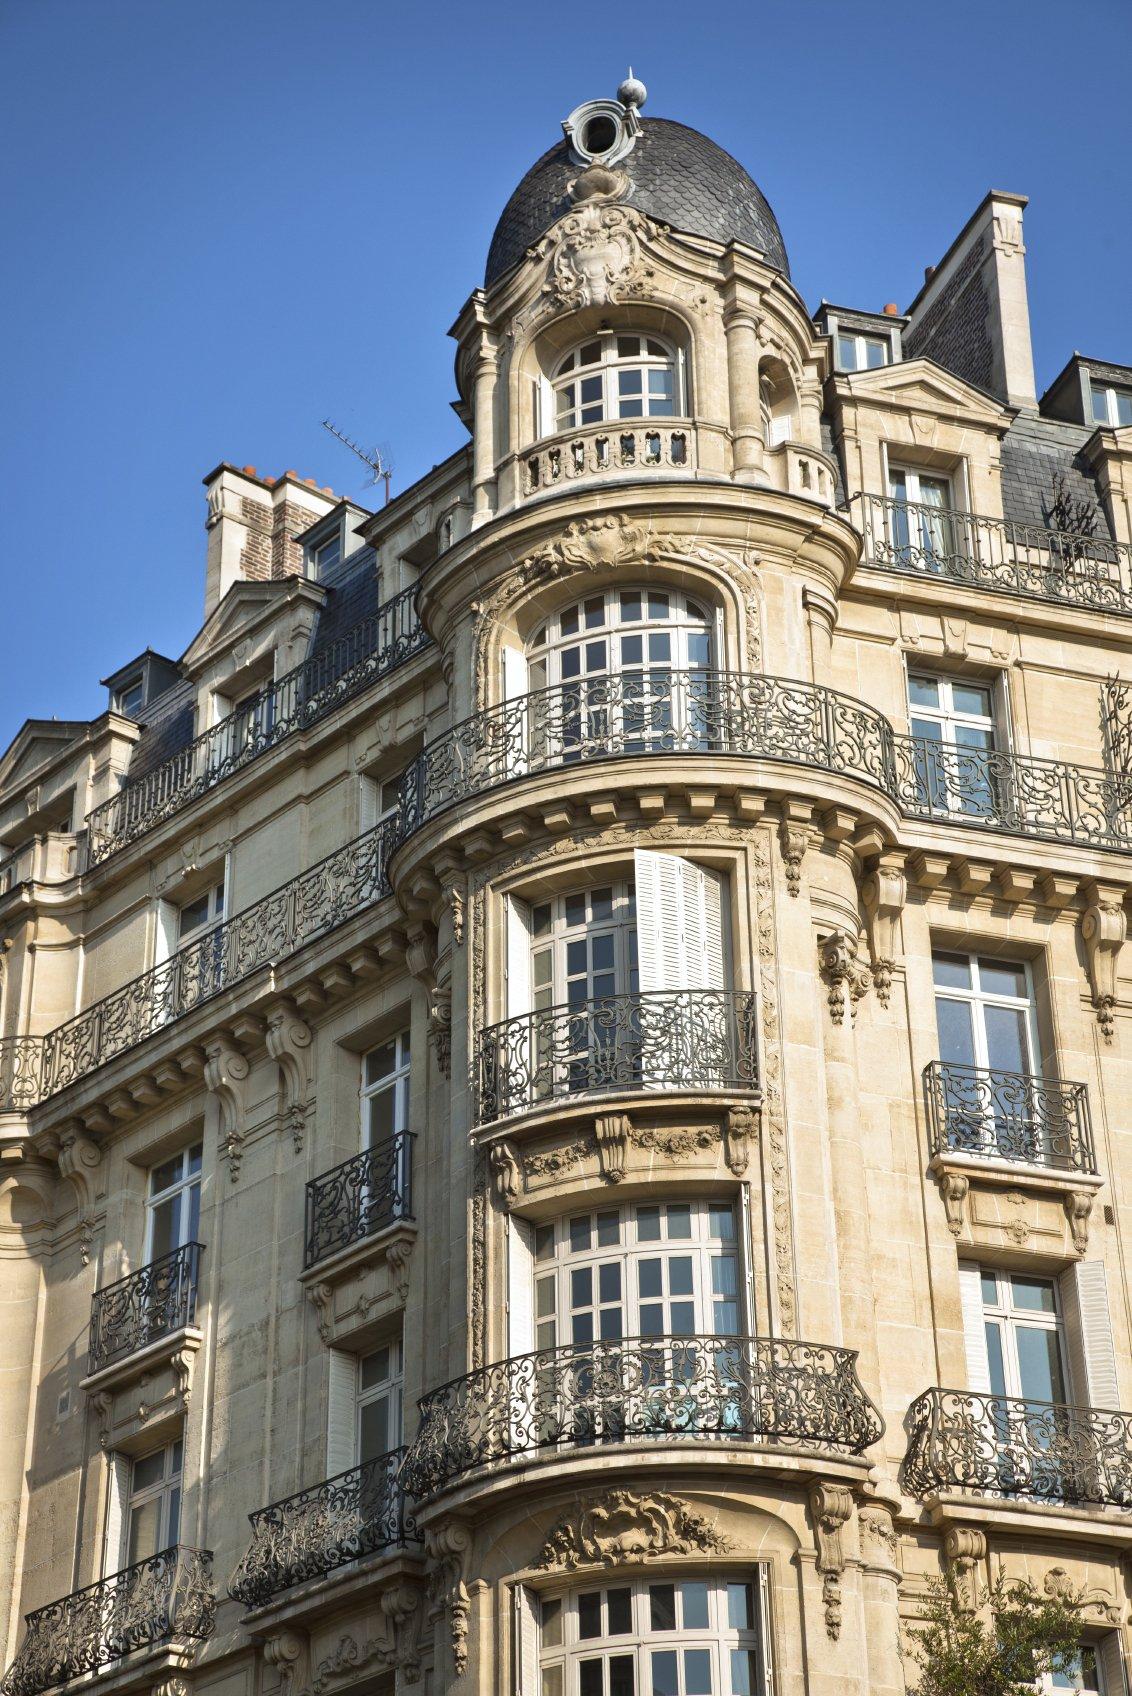 Eupora immobilien ivd ihr vertrauensw rdiger for Immobilienmakler vermietung